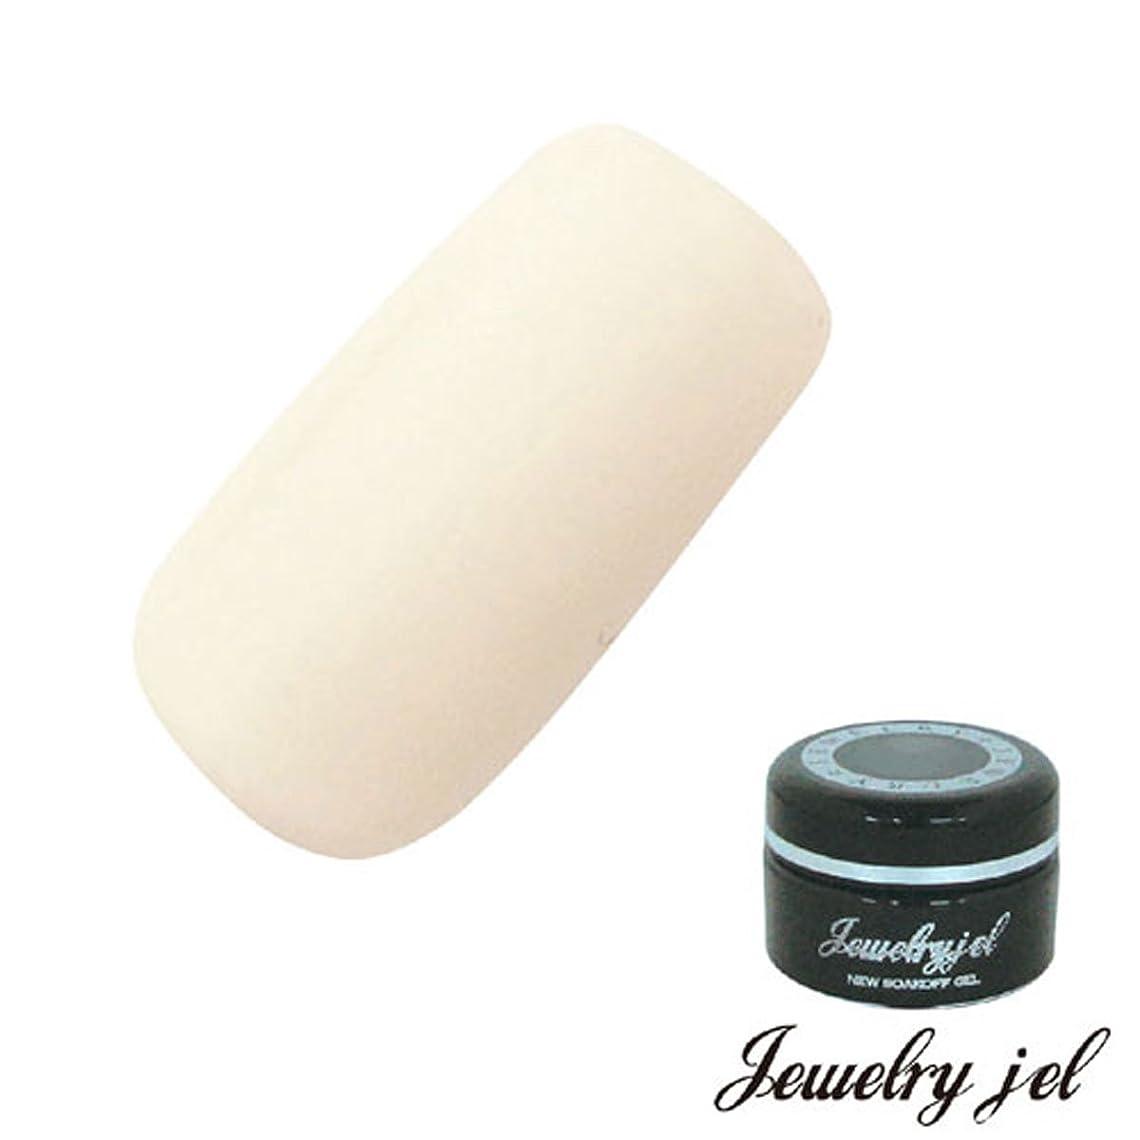 記録サラダまつげジュエリージェル ジェルネイル カラージェル NW102 3.5g アイボリーホワイト マット UV/LED対応  ソークオフジェル マットな練乳色